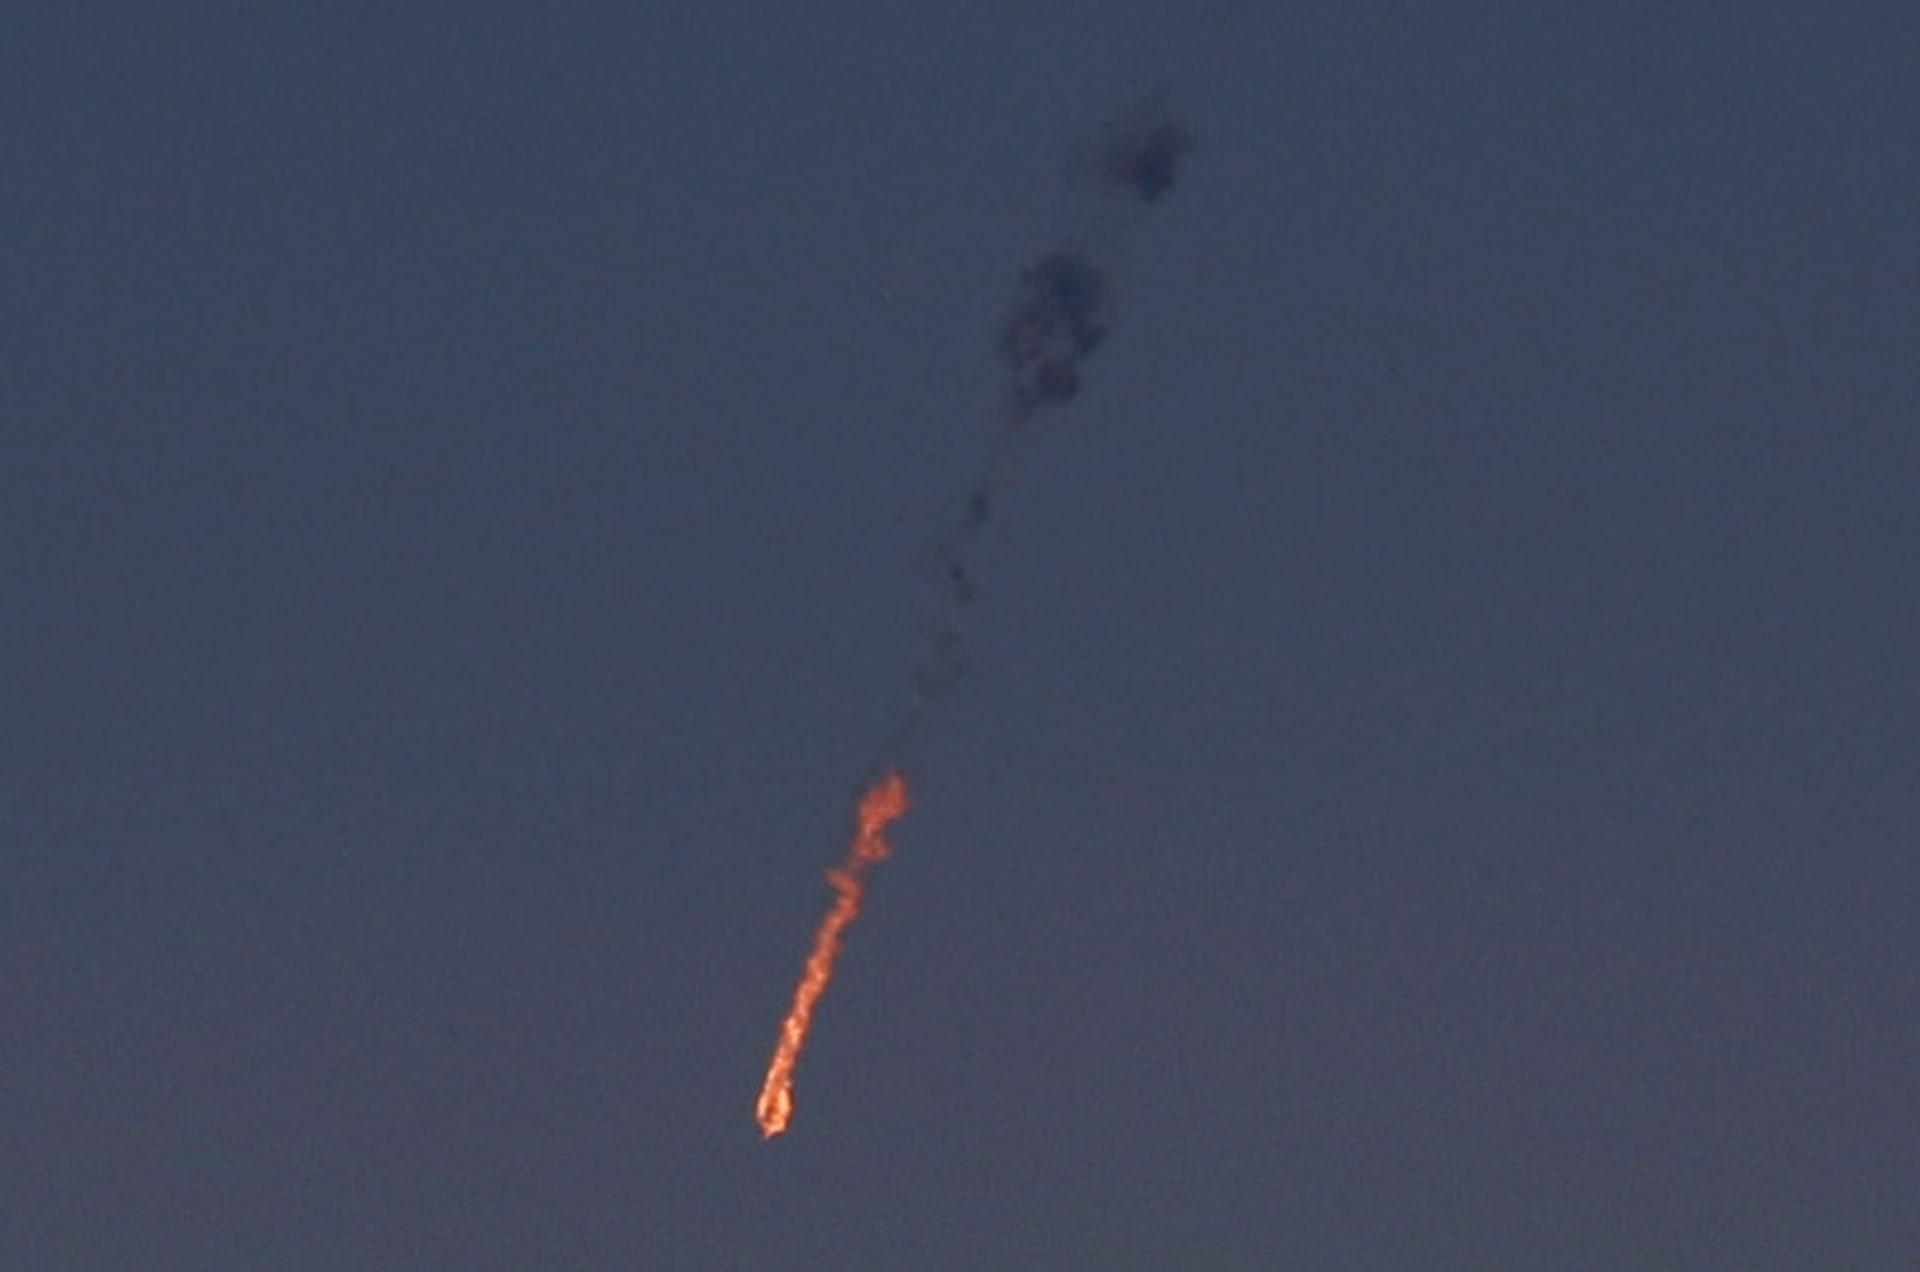 داعش يعلن مسؤوليته عن إسقاط ثاني طائرة حربية سورية خلال 4 أيام